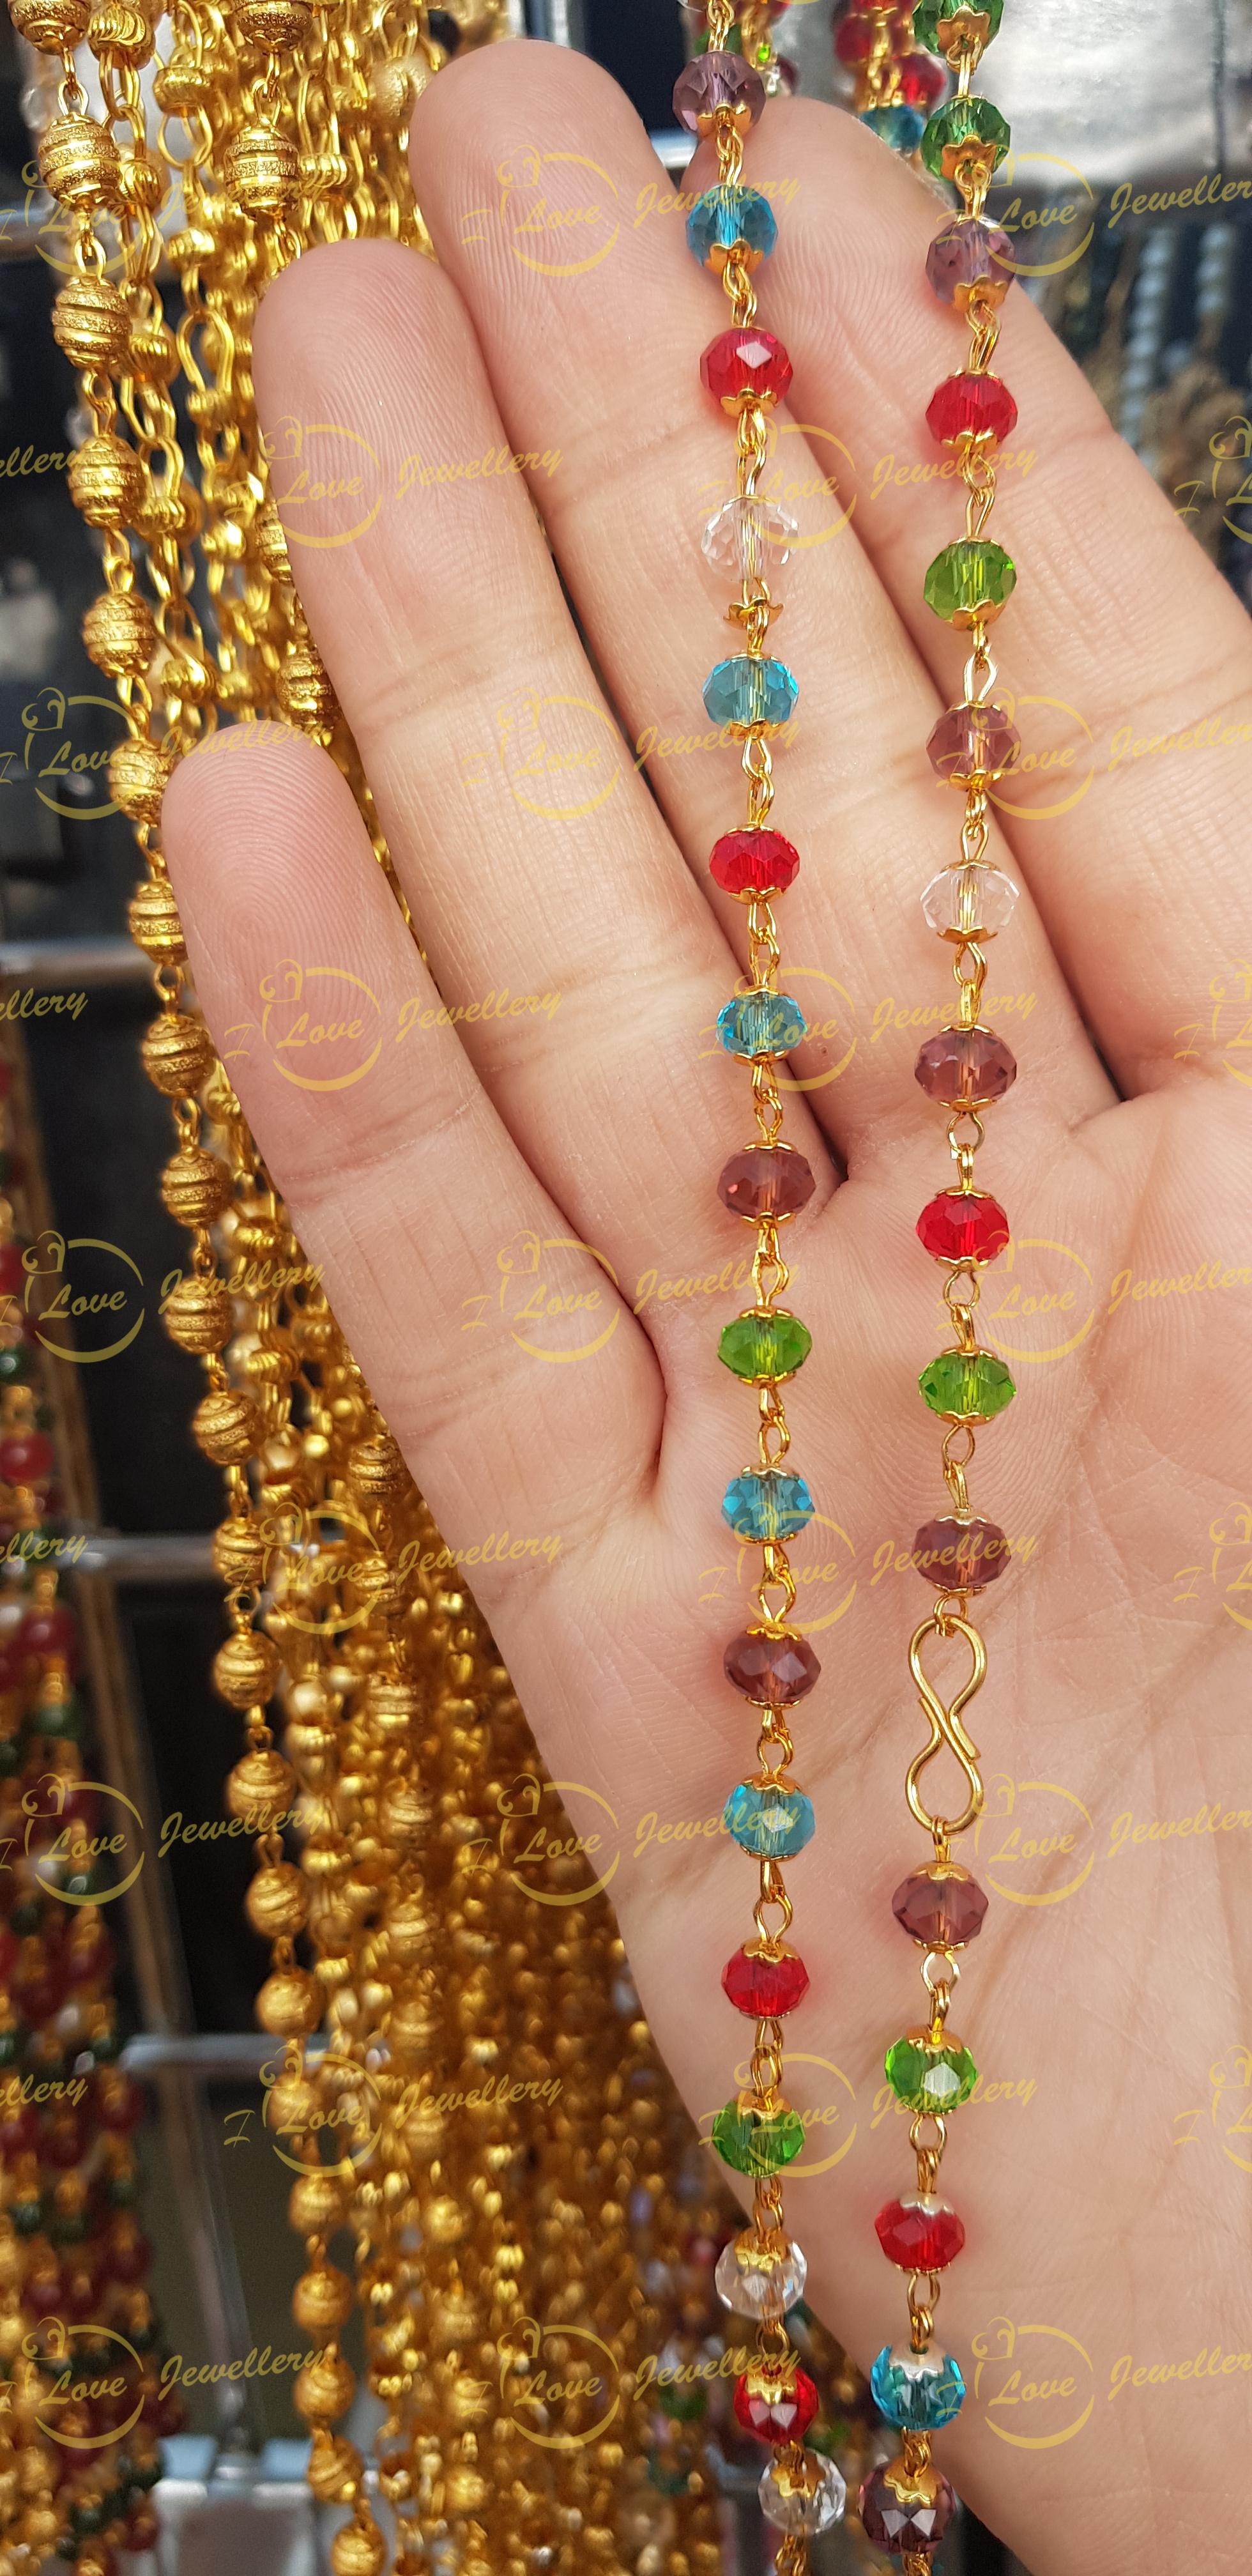 Fashion chain- multi chain - mehndi chain - golden chain - maroon chain - wholesale Pakistani jewellery - bespoke Pakistani jewellery - Pakistani wedding jewellery - Pakistani bridal jewellery